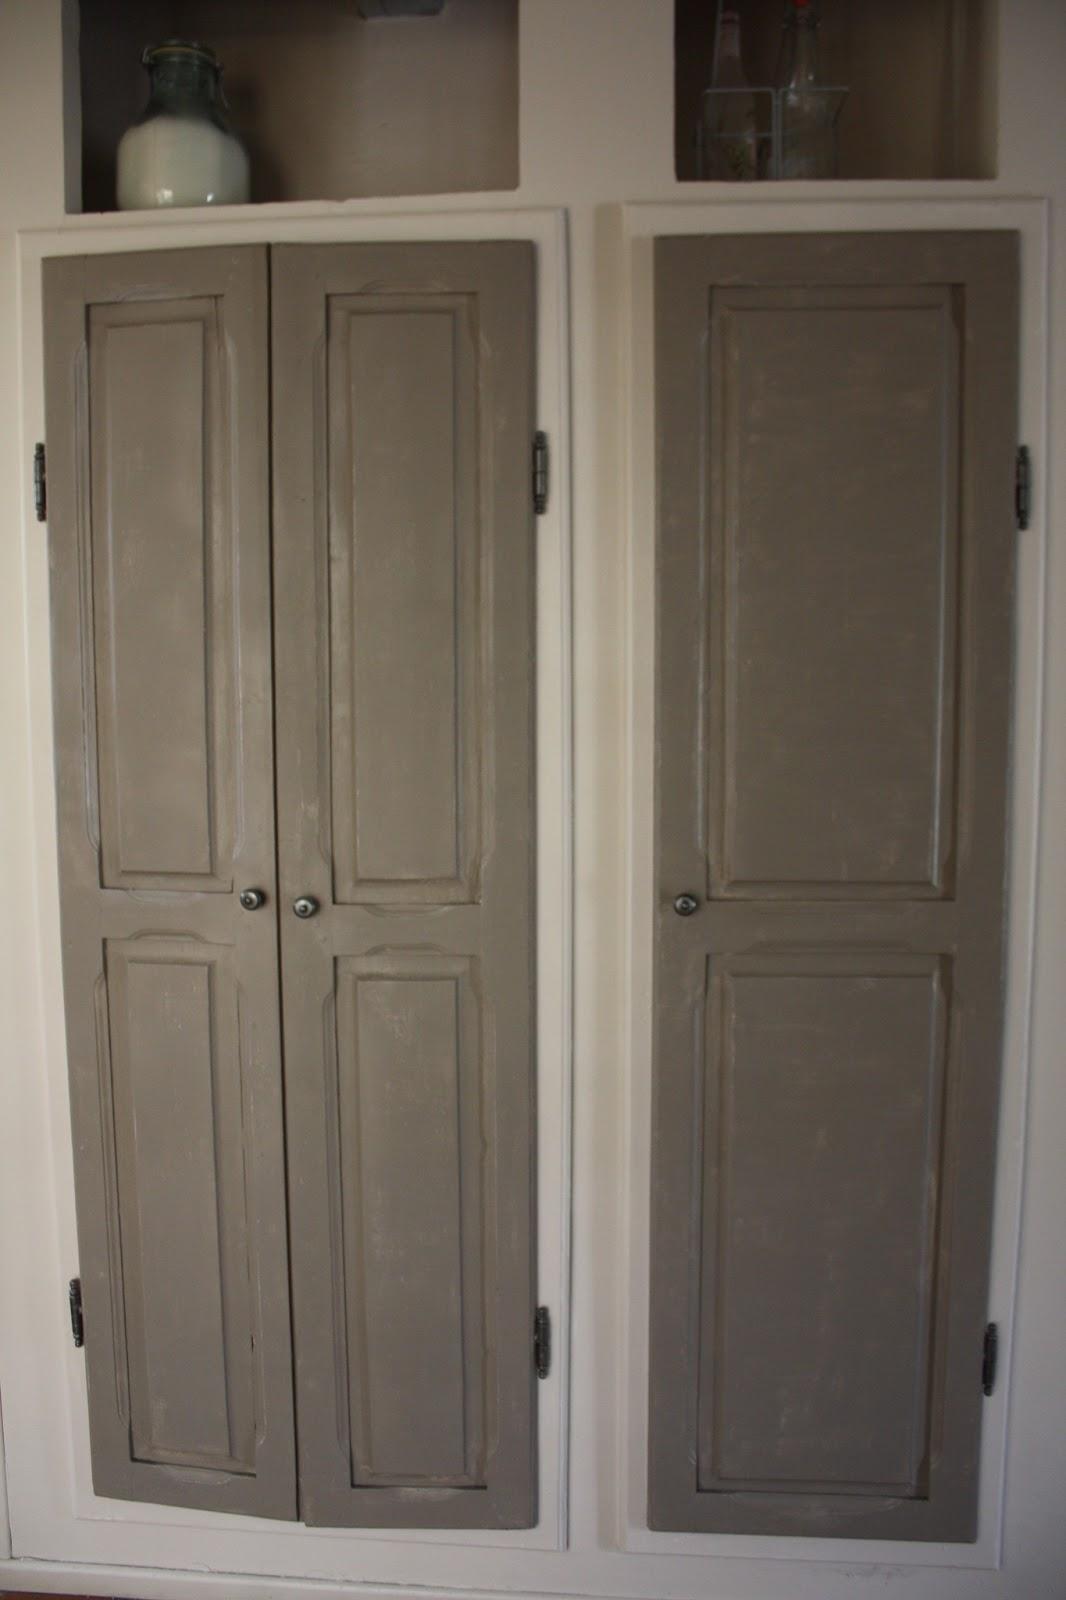 changement de d cors la cuisine patine portes placards et porte. Black Bedroom Furniture Sets. Home Design Ideas